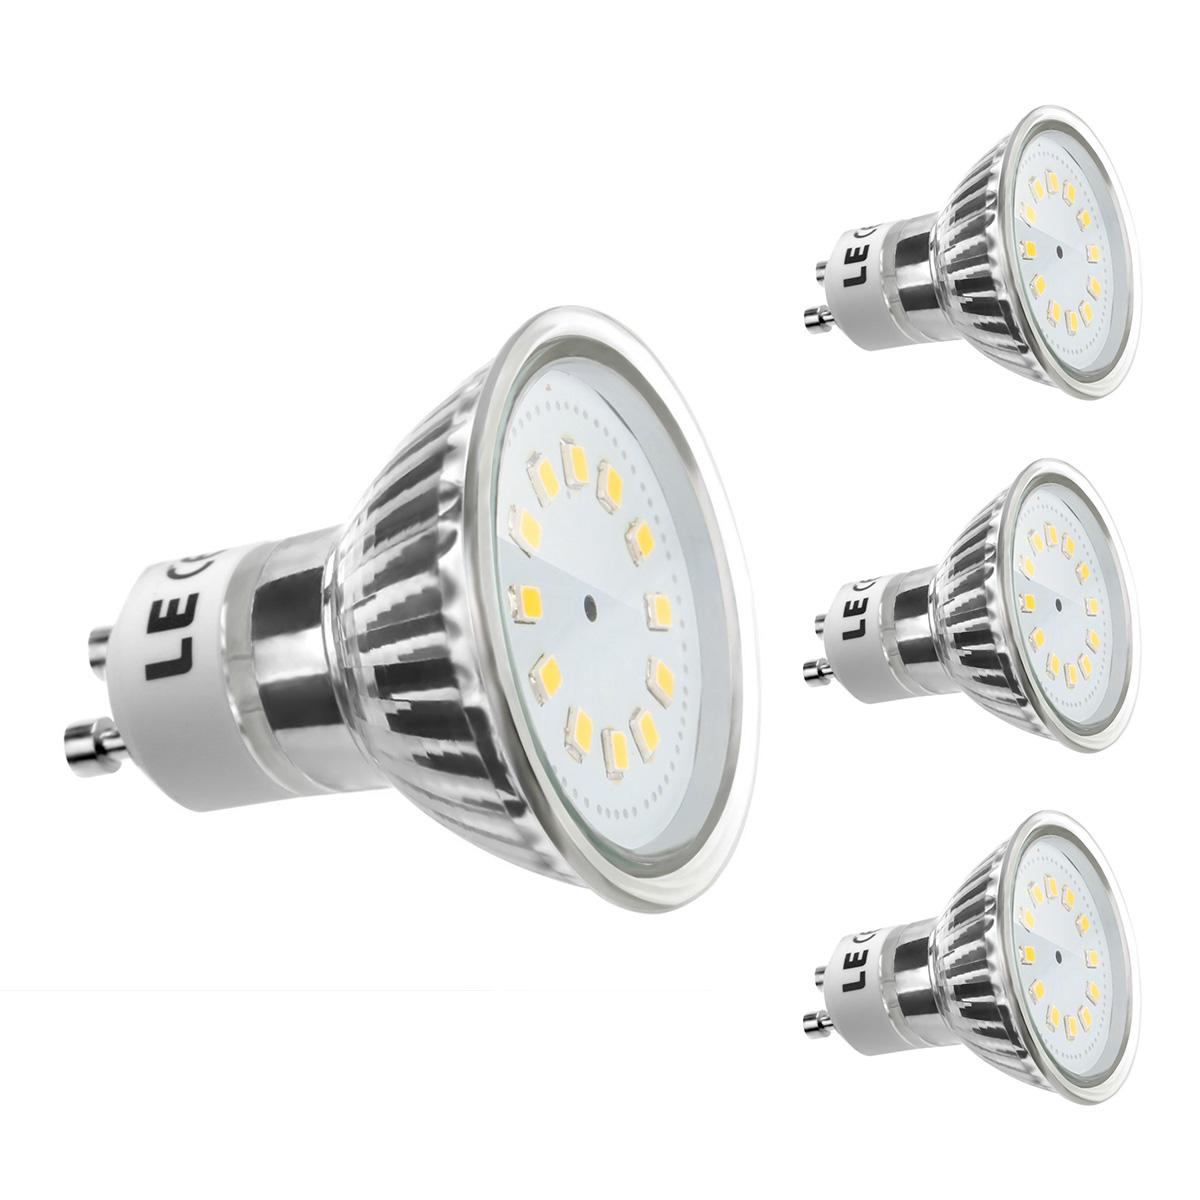 [Bündel] 2,5W GU10 Fassung, MR16 200lm LED Strahler, Ersatz für 35W Halogenlampe, Warmweiß, 3er Set